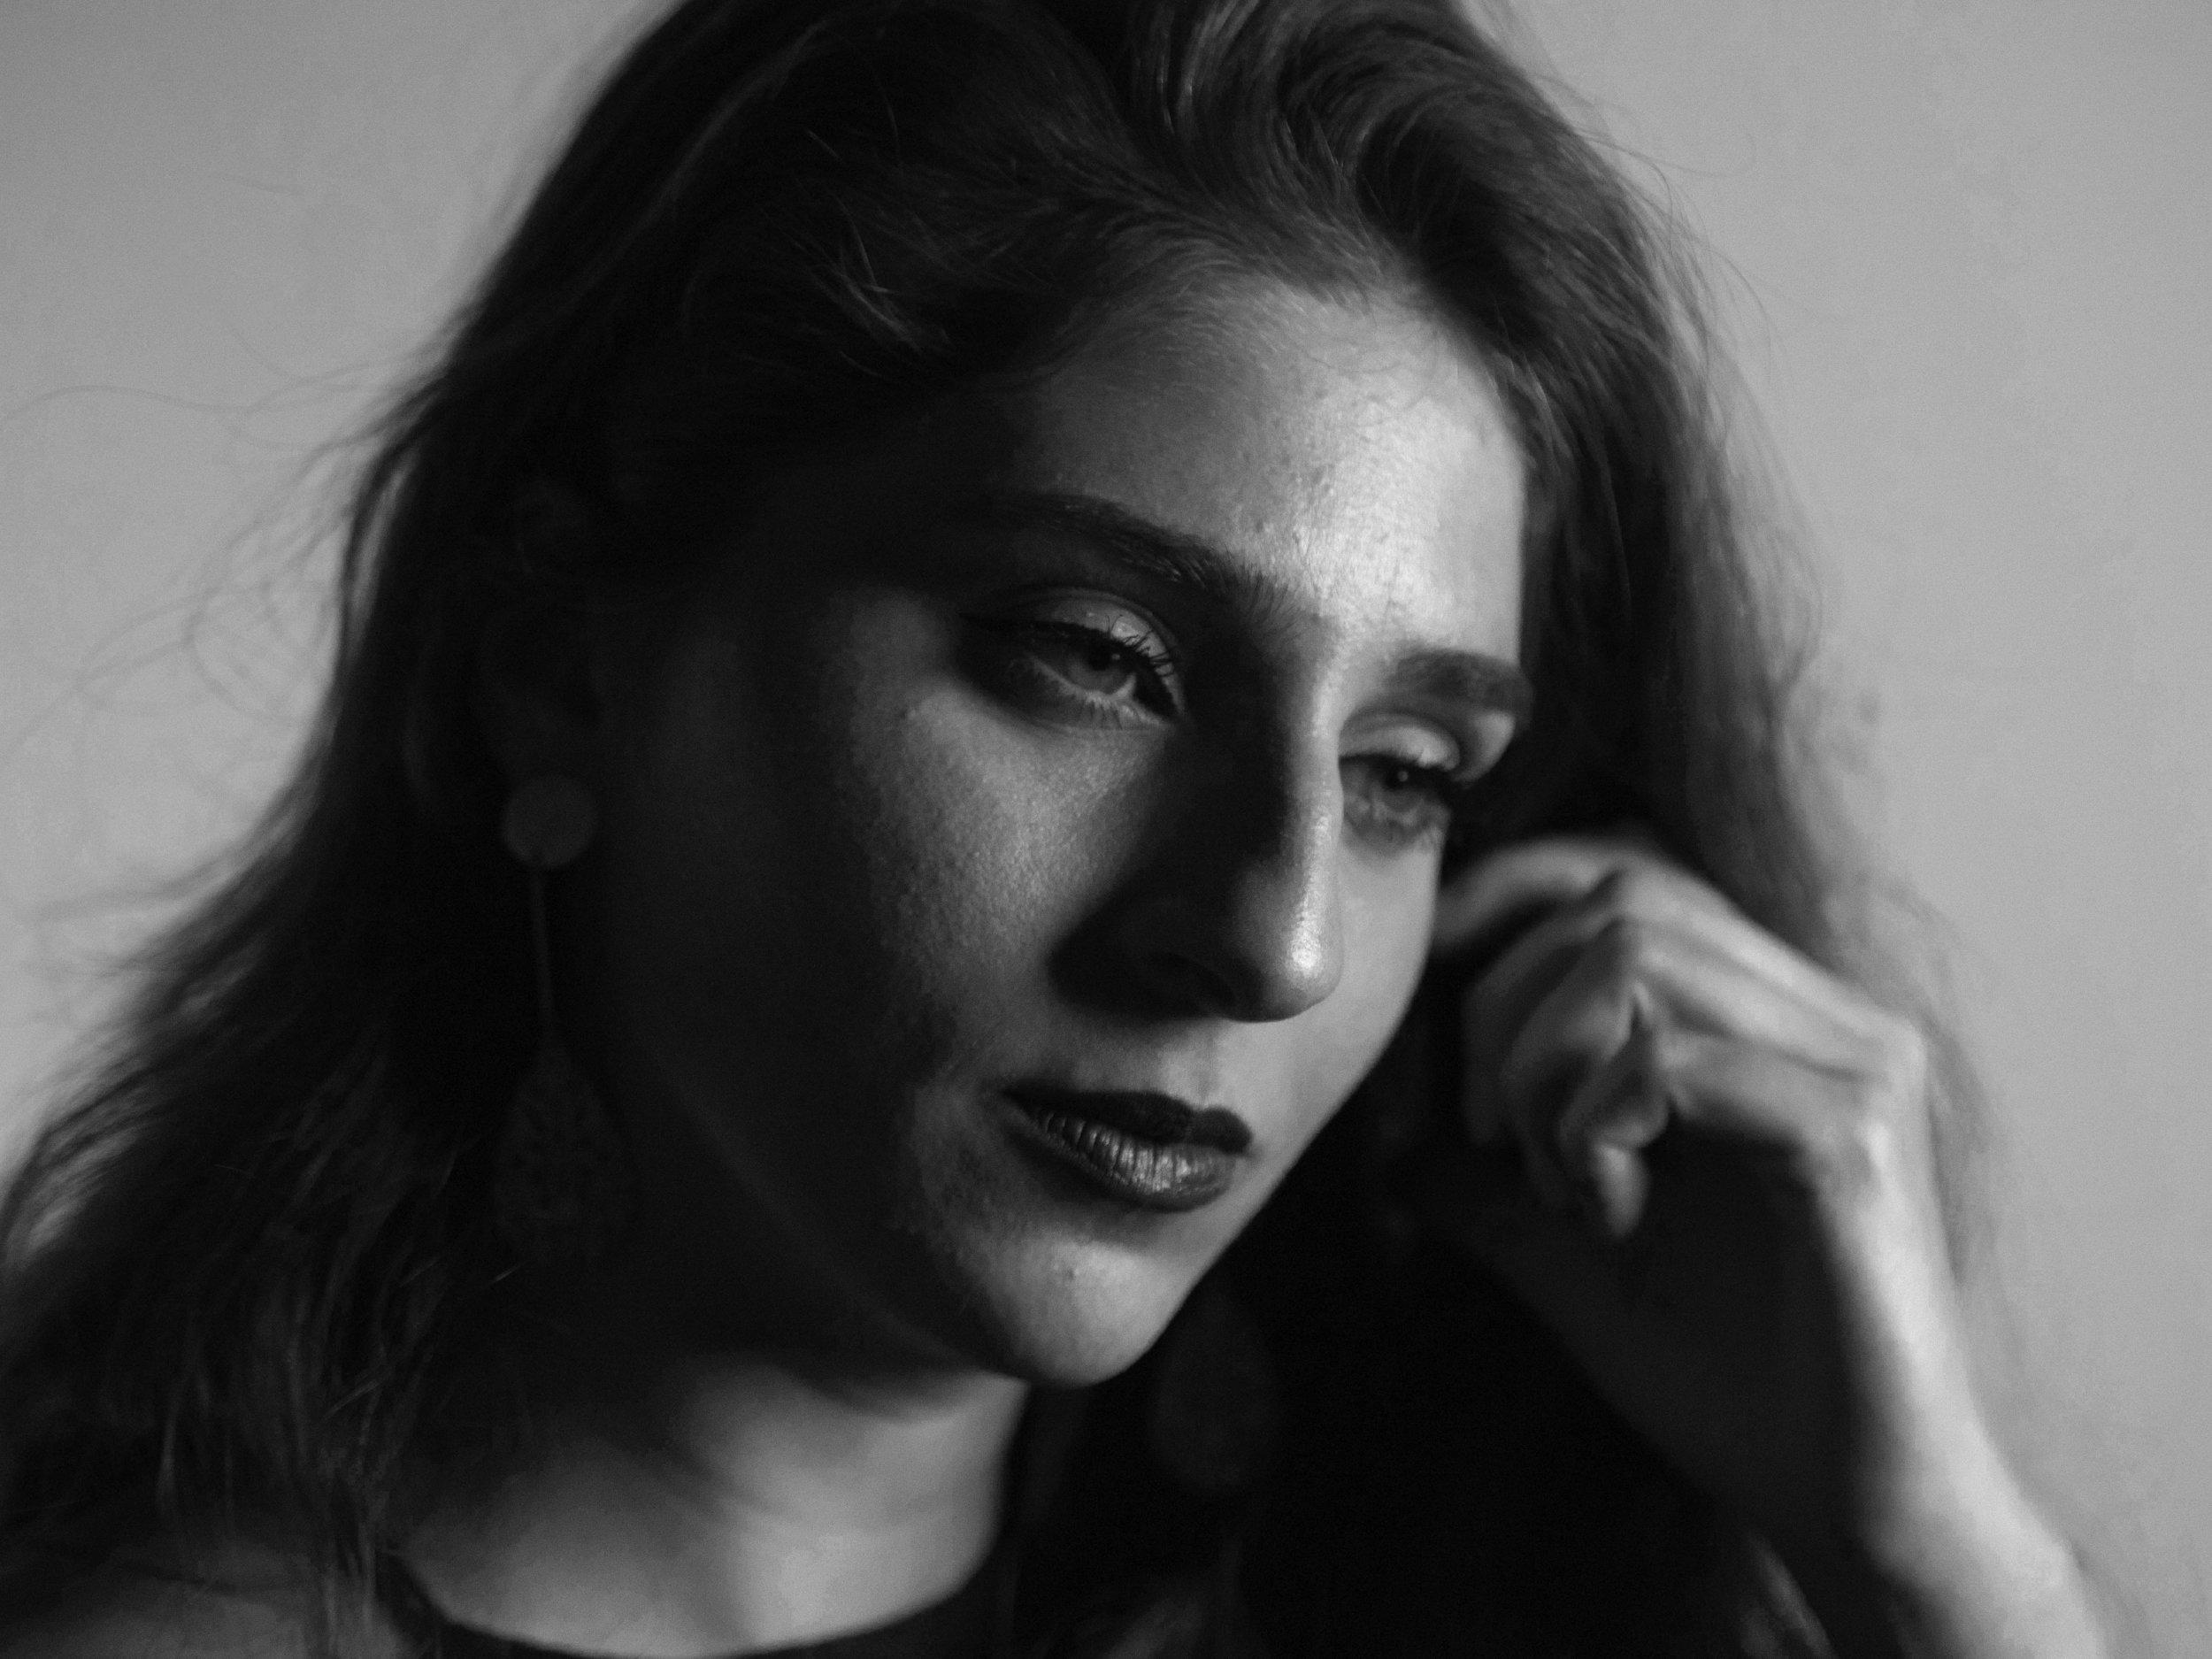 Lara Sarkissian